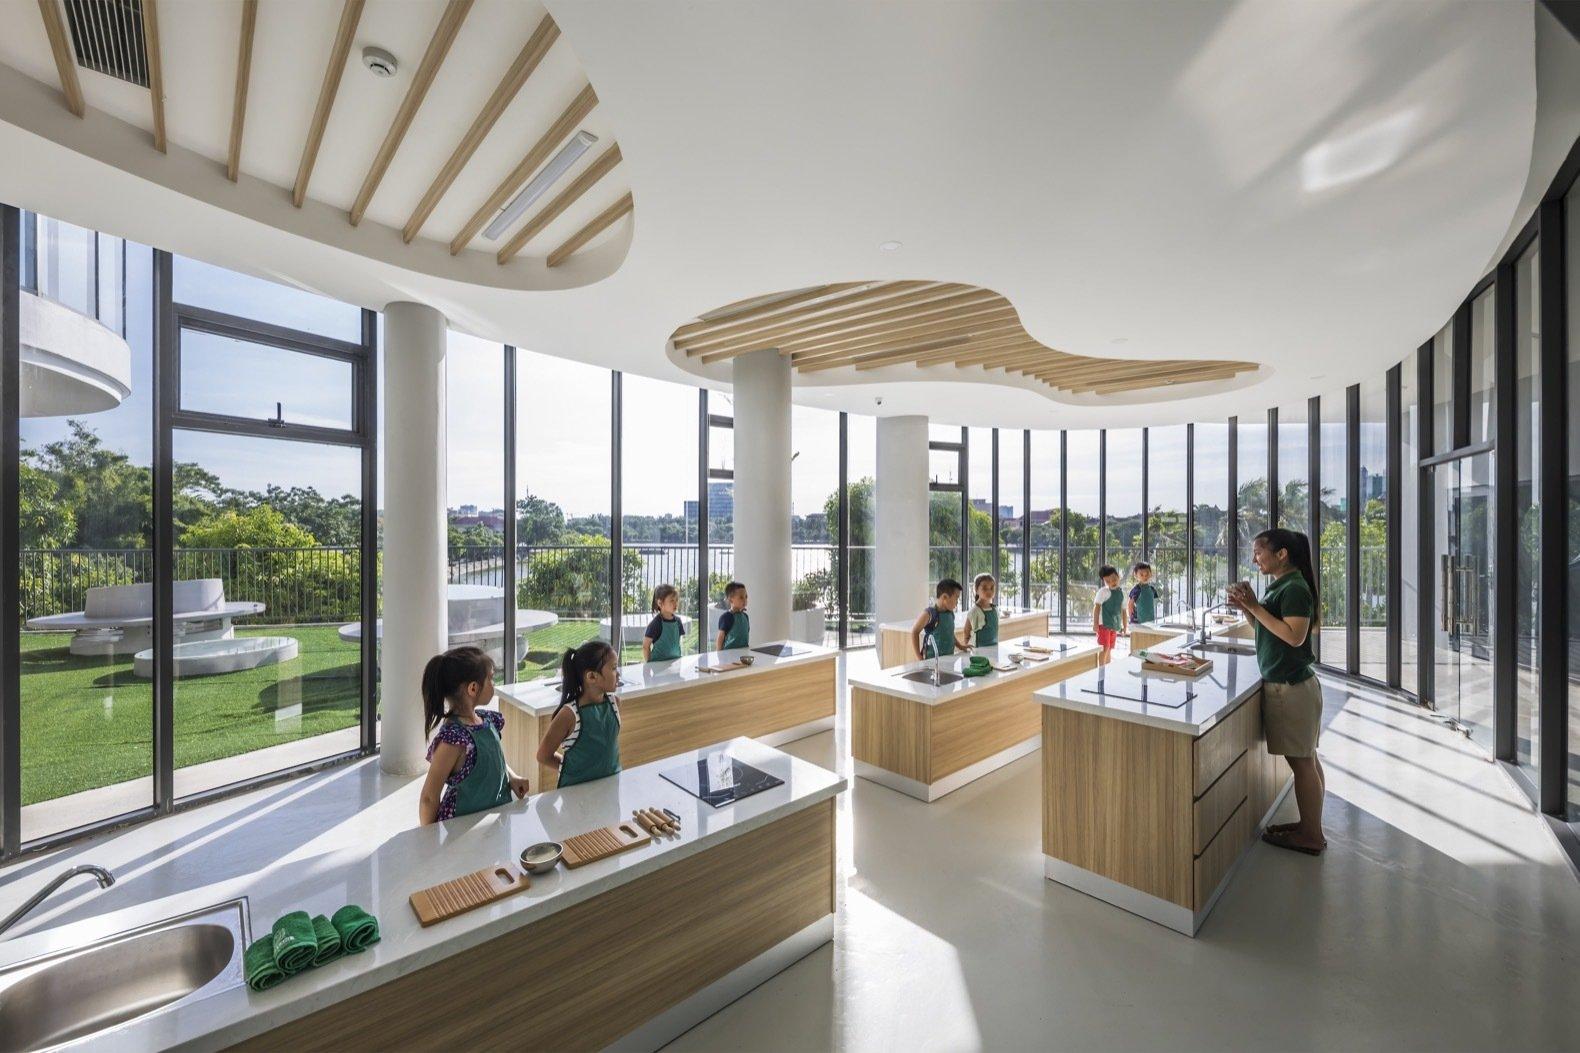 Eco Kindi kitchen